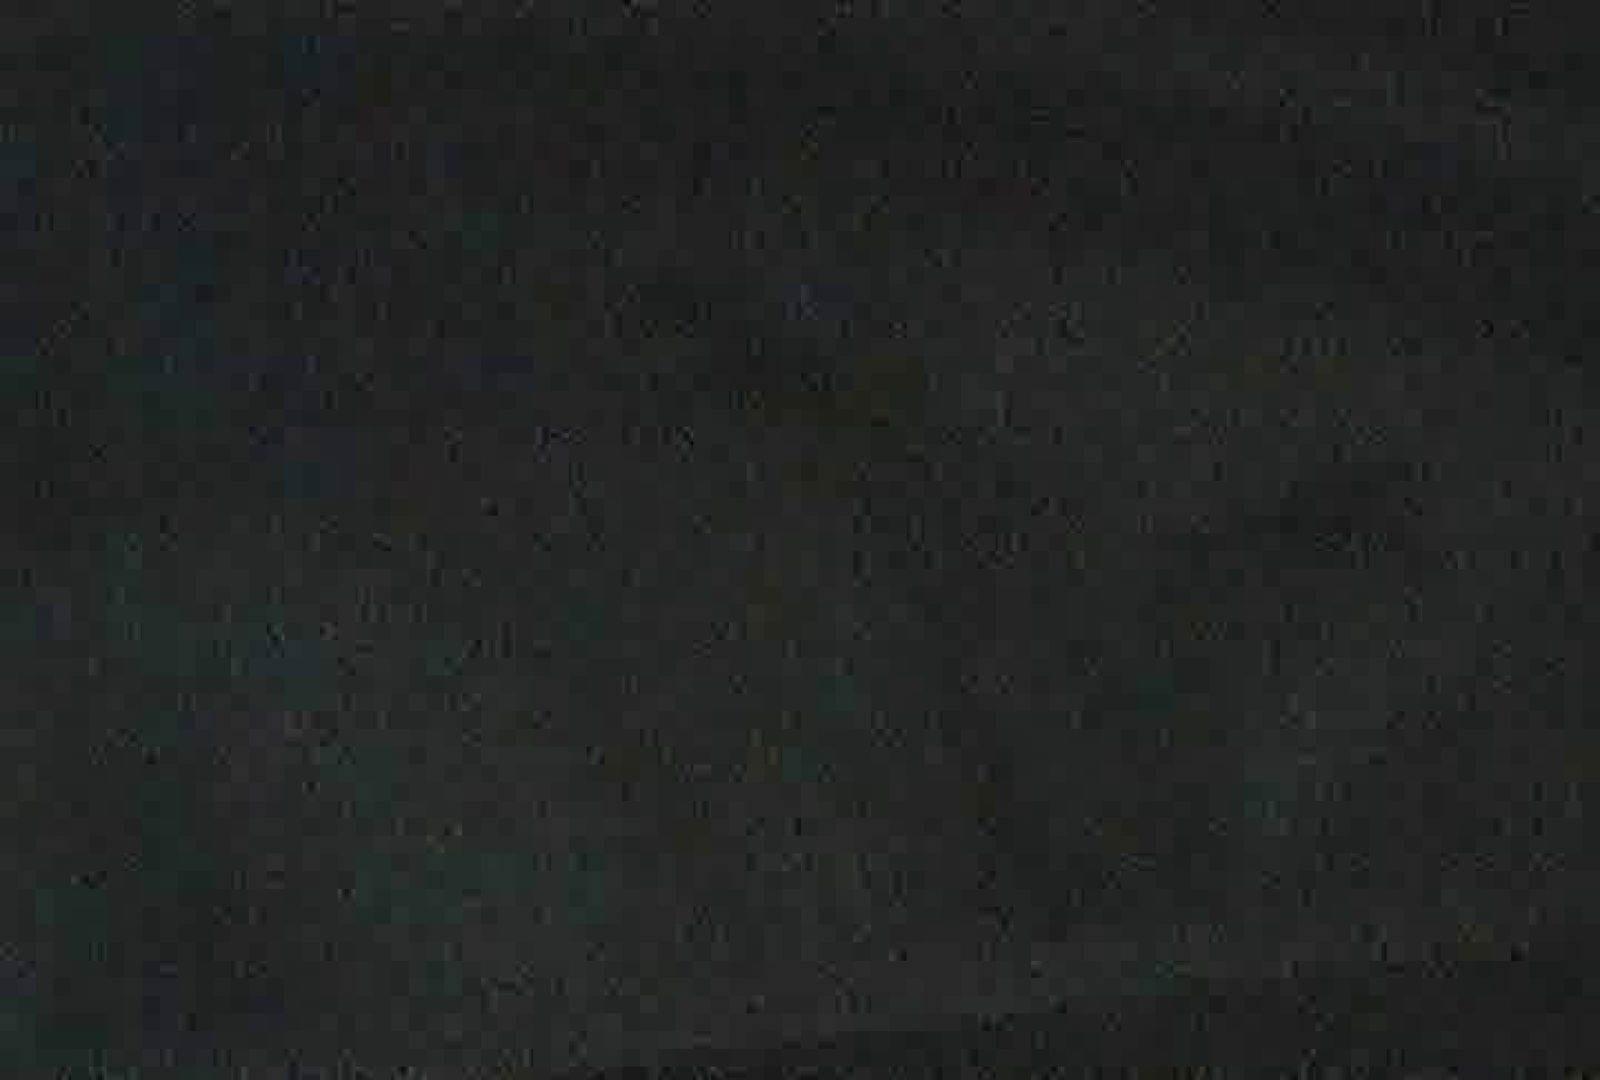 充血監督の深夜の運動会Vol.94 OLの実態 | カップル  71pic 19